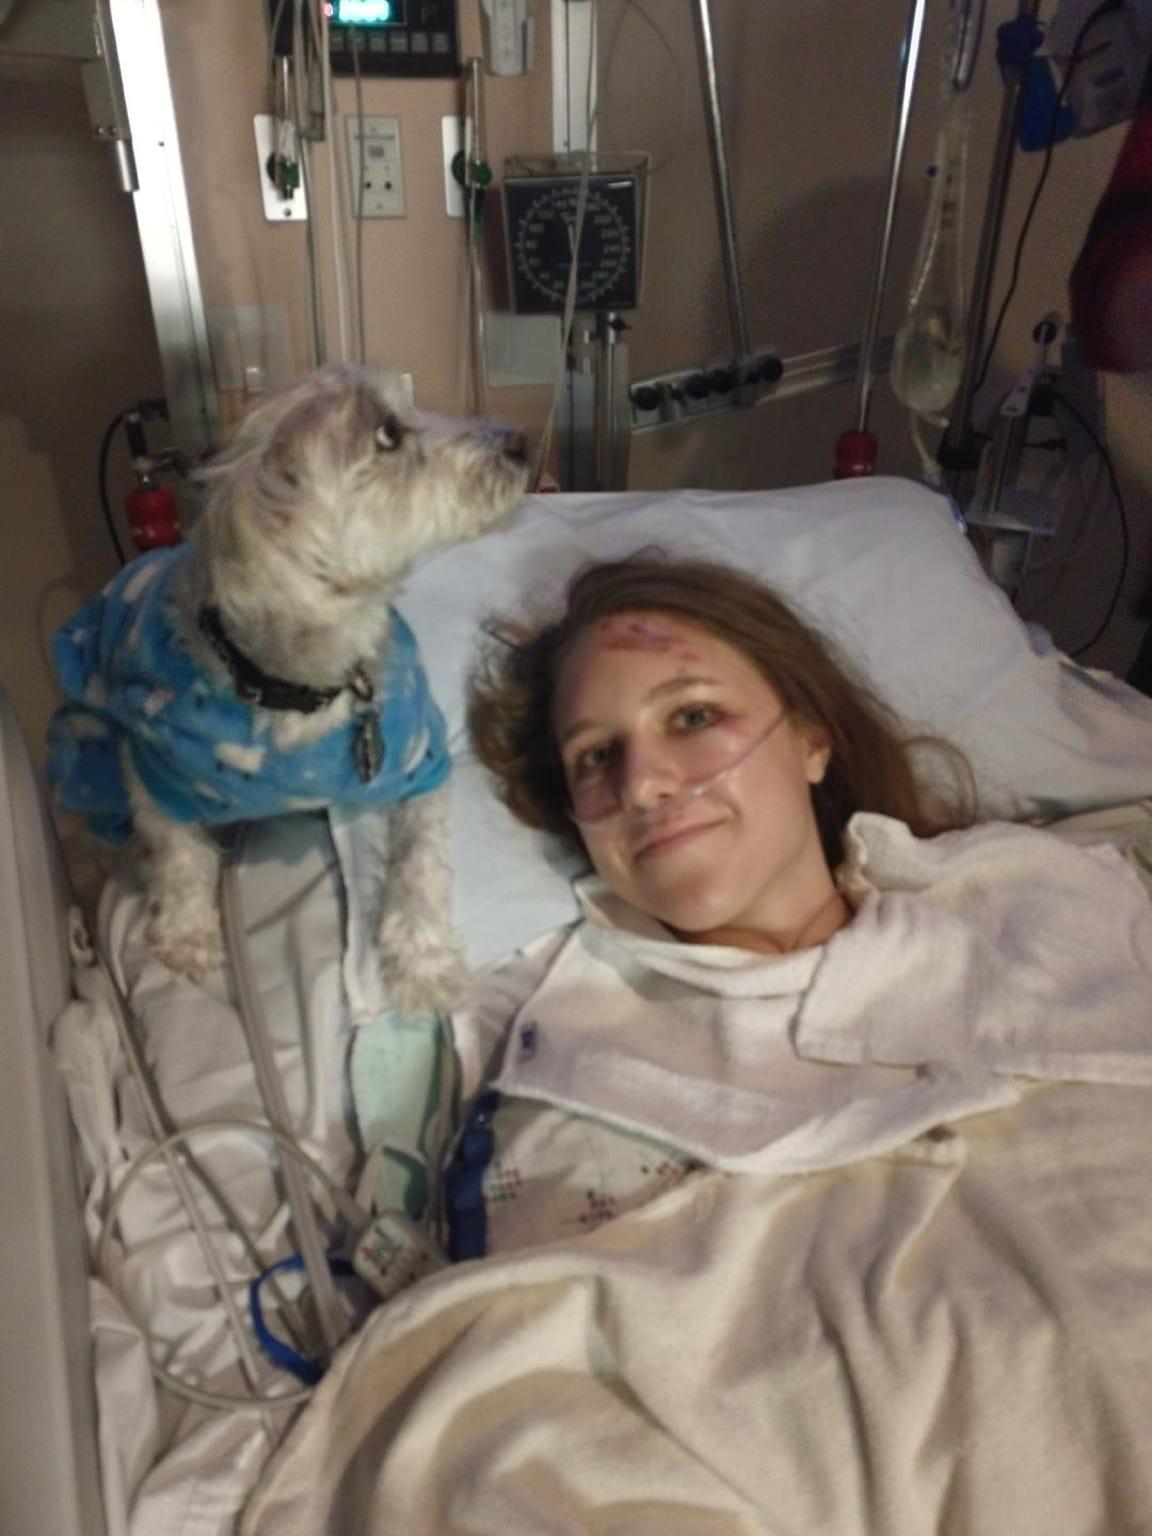 Annika Kerns at Renown Medical Center.